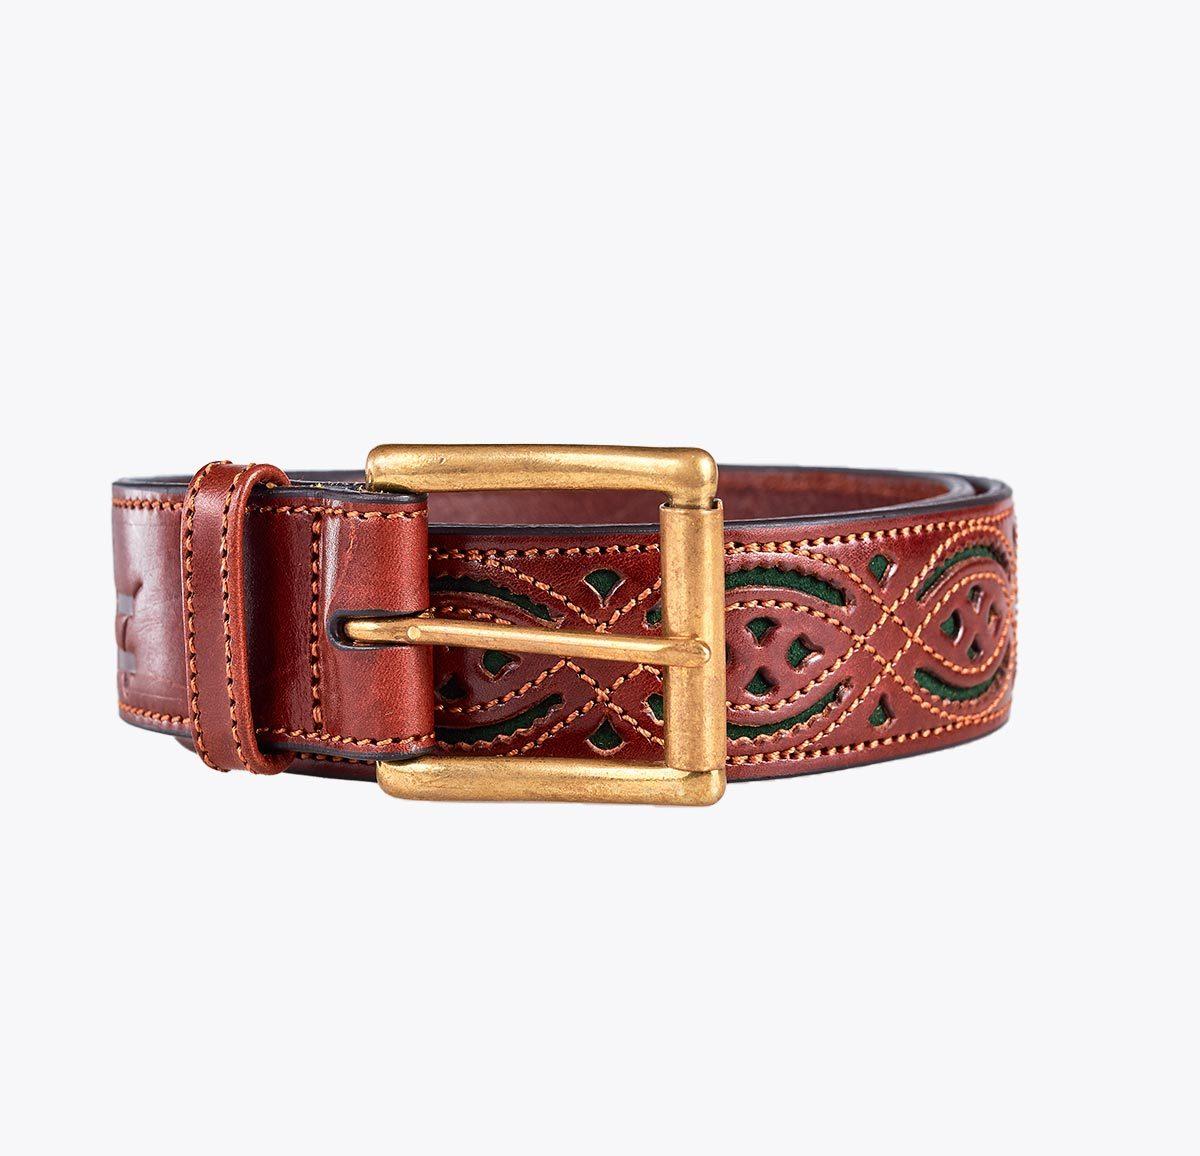 Cinturón picado Accesorios y complementos en mandalashoes. Accessories in mandalashoes. Zubehör in Mandalas.